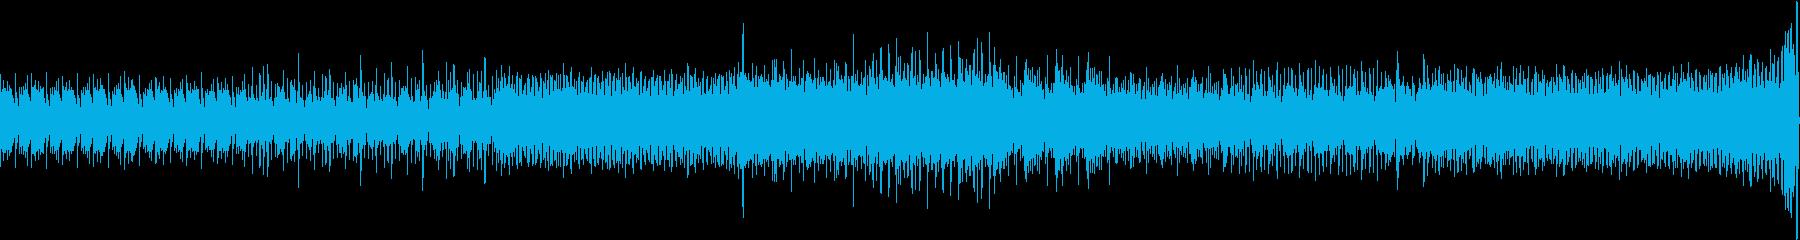 ディジュリドゥ を使った民族系トランスの再生済みの波形